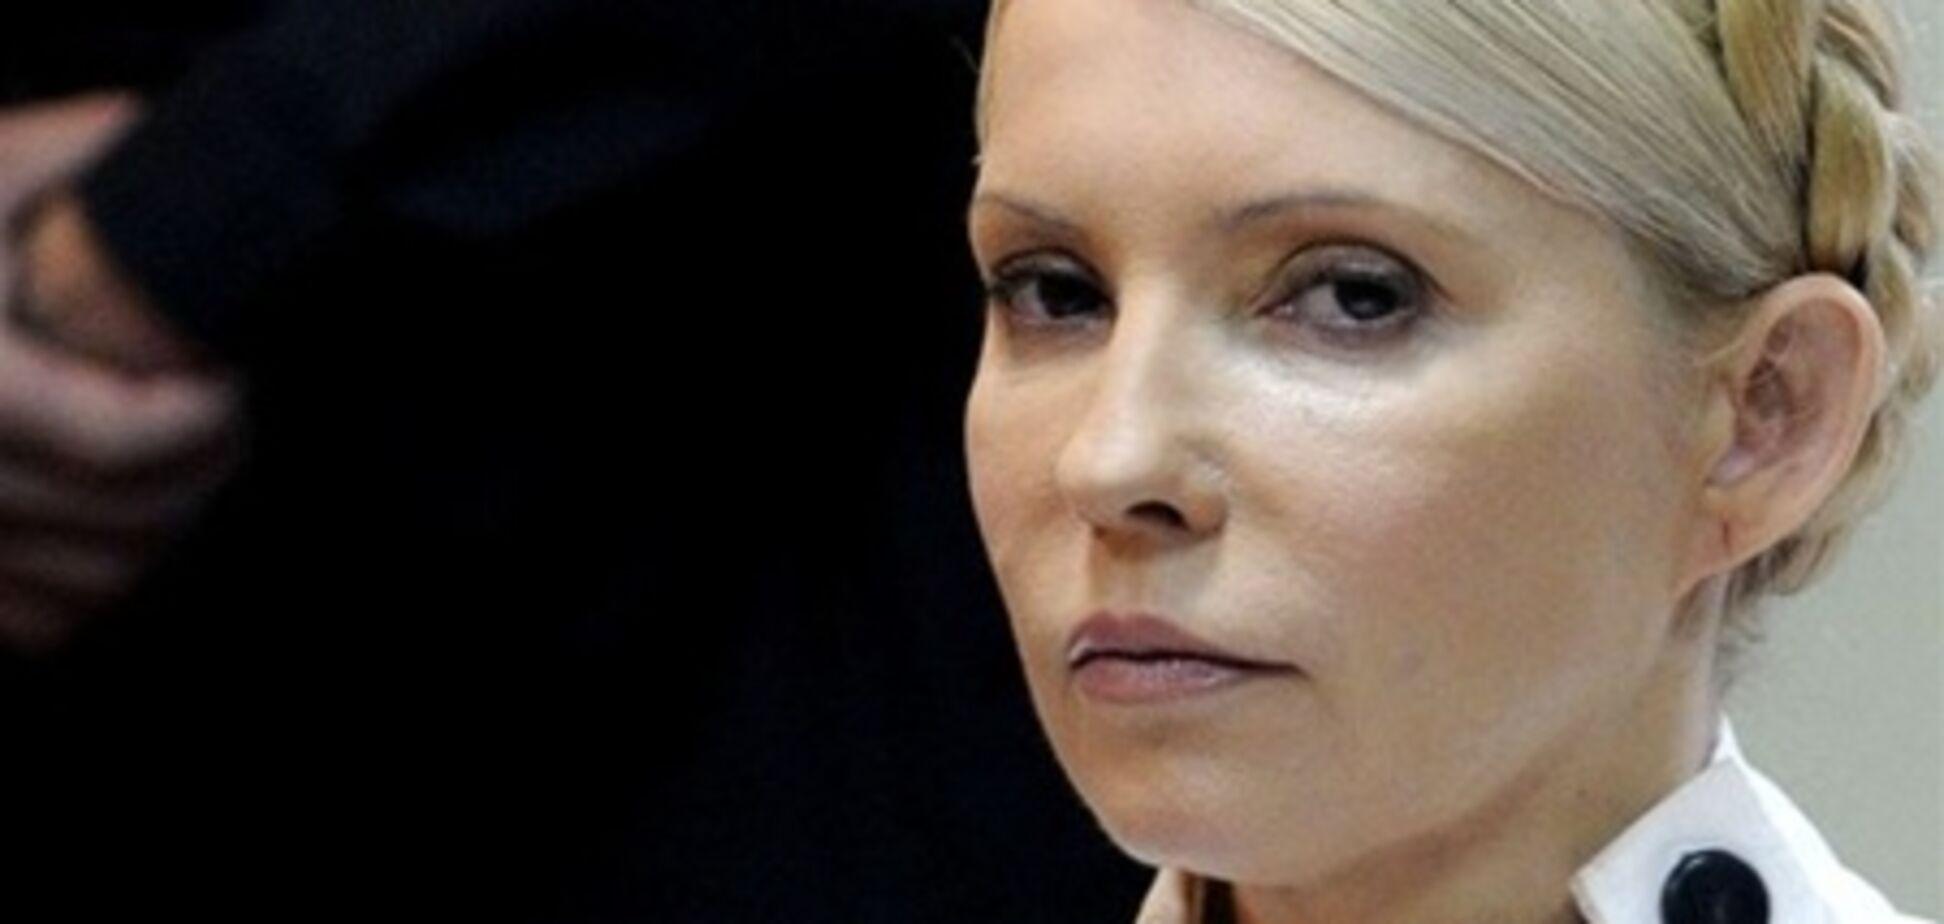 Тимошенко ни хуже, ни лучше - тюремщики